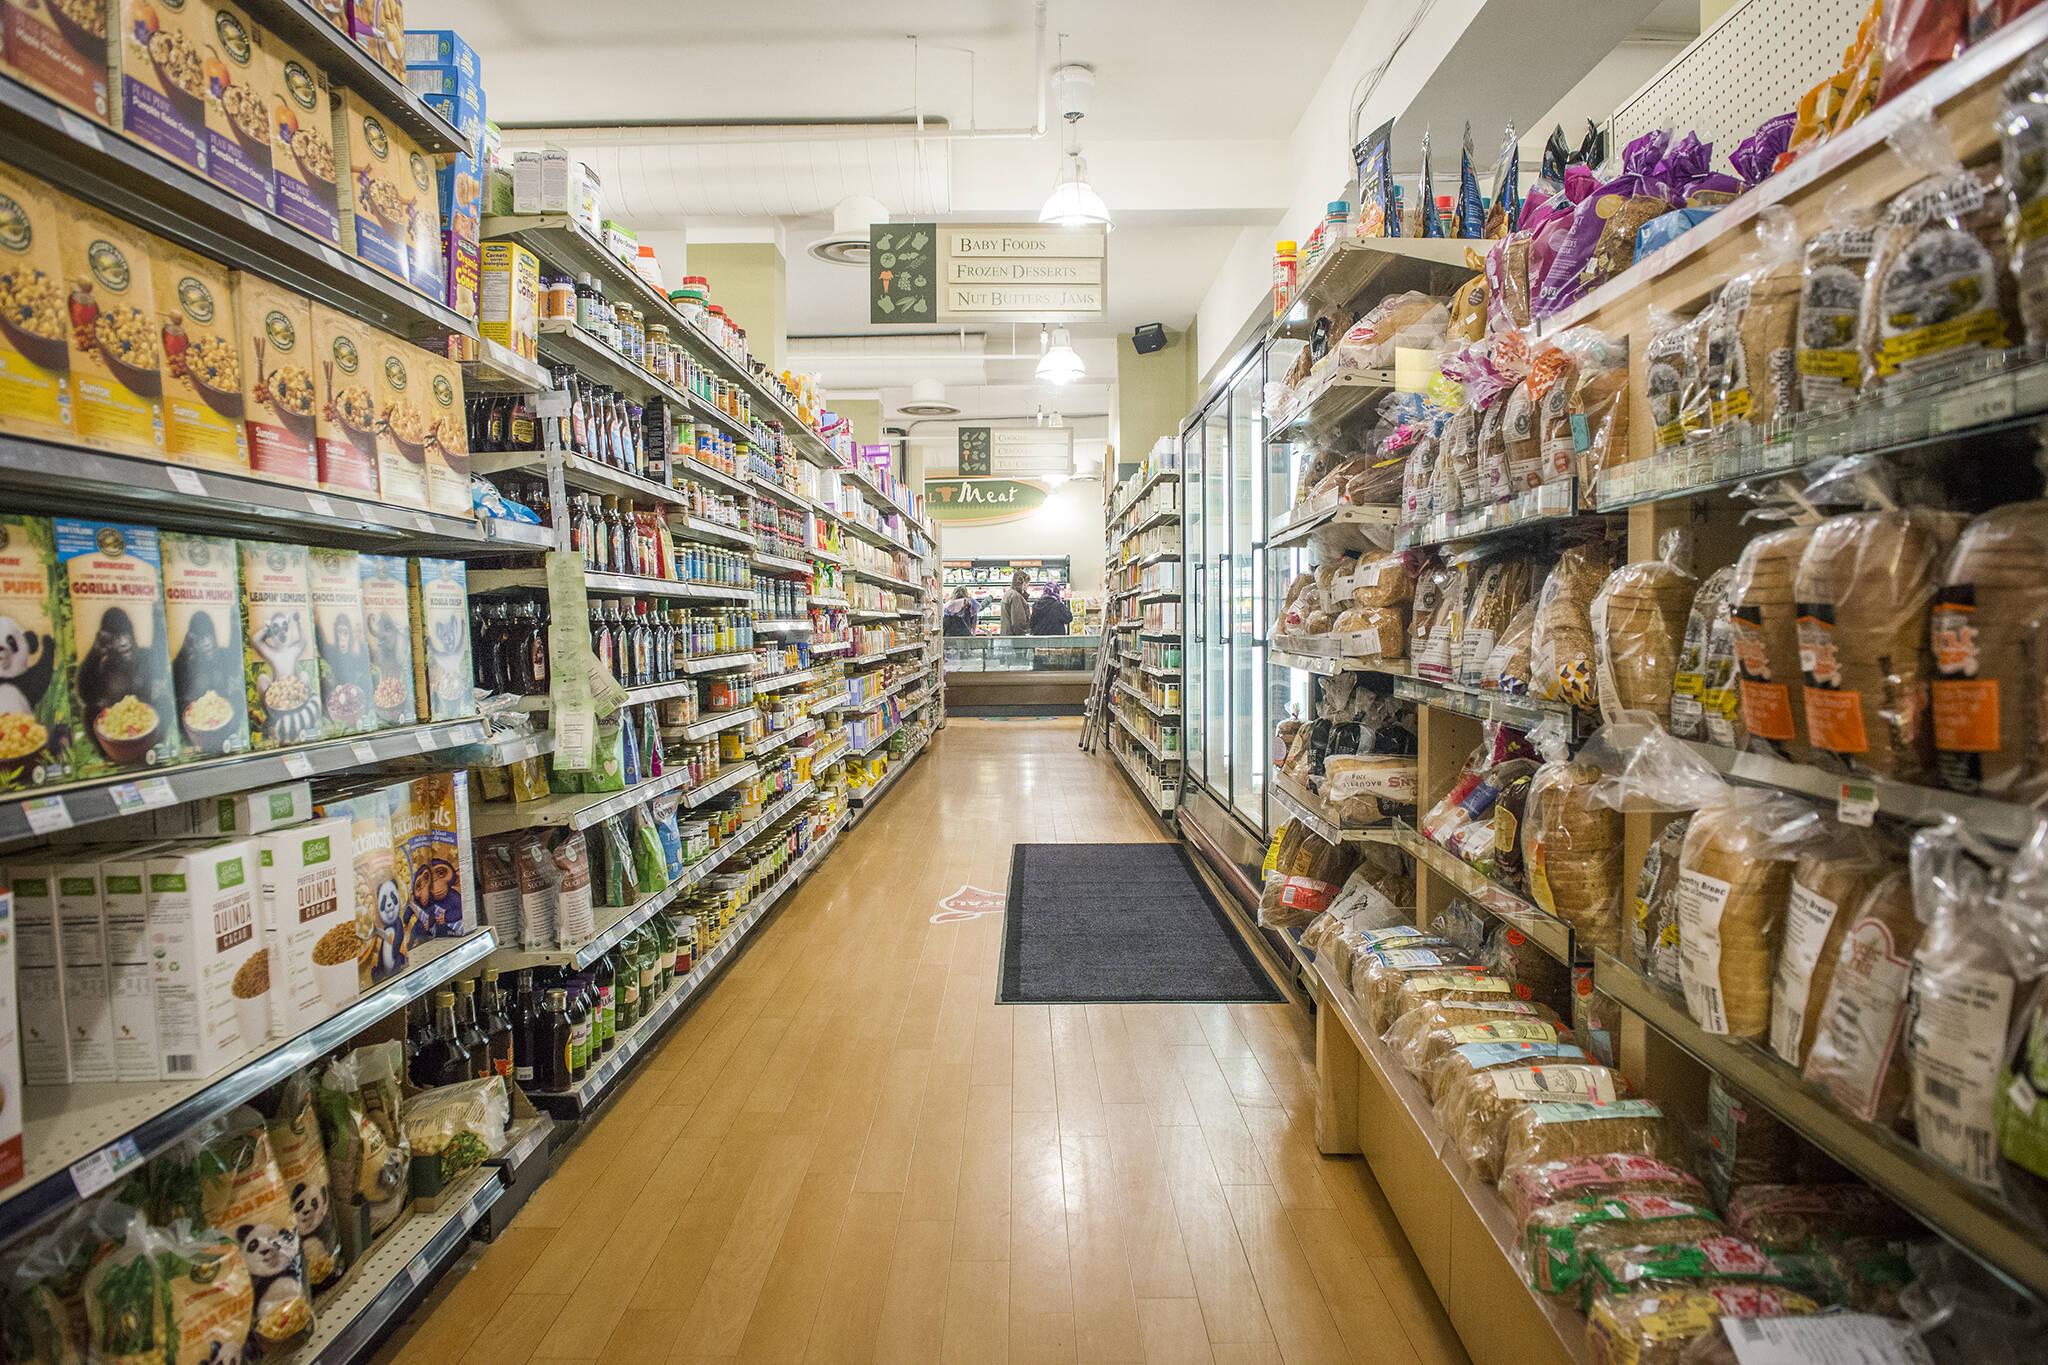 Health Food Store Midtown East